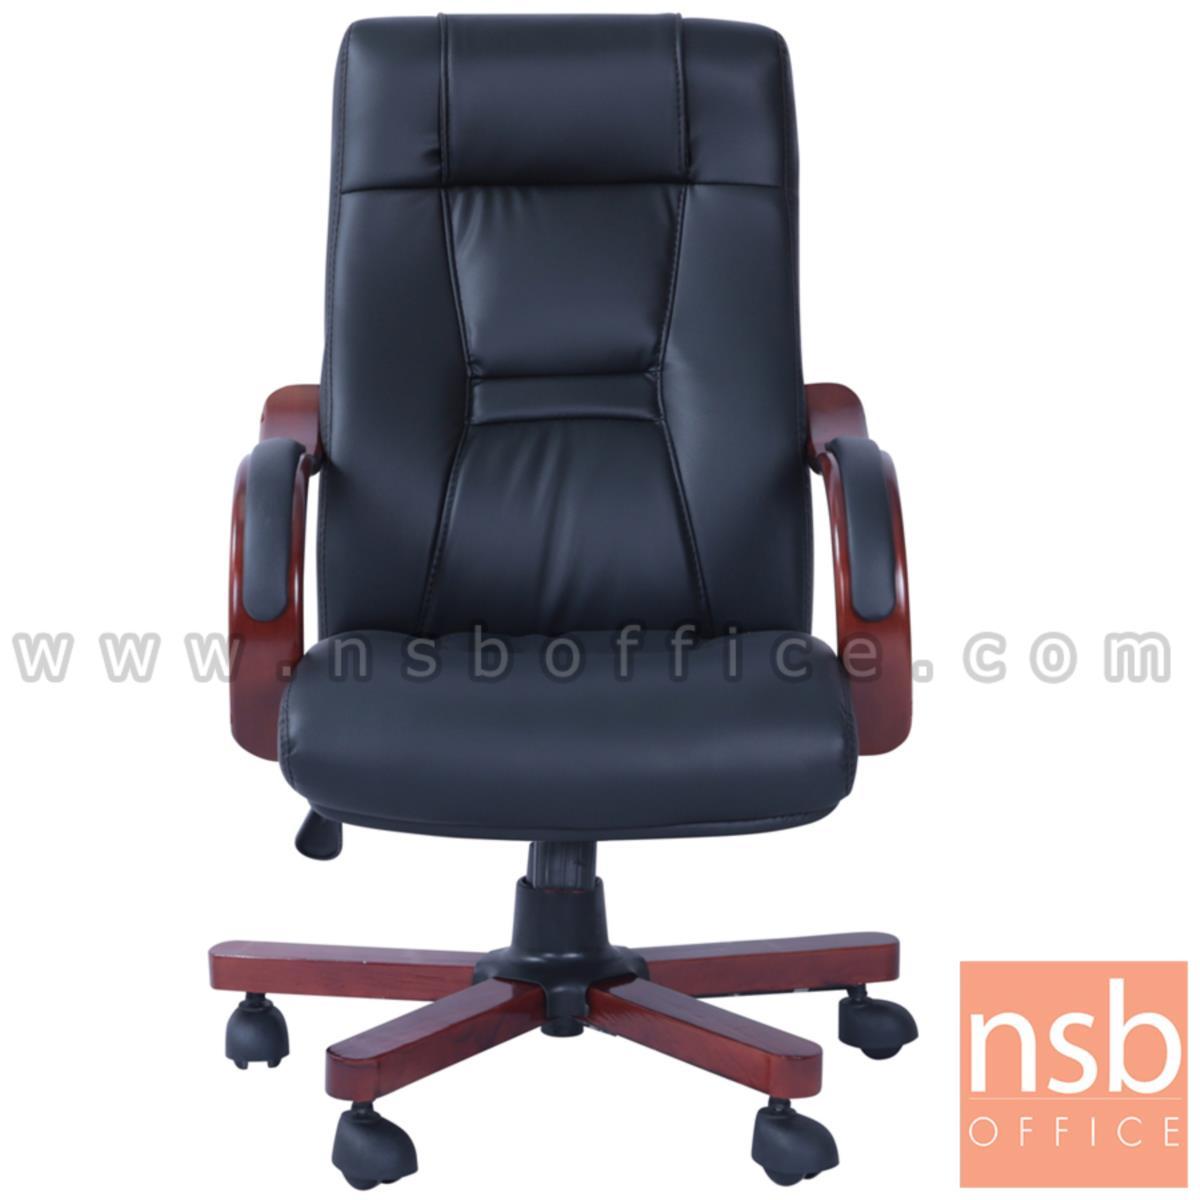 เก้าอี้ผู้บริหารหนัง PU รุ่น FTS-MA-3760  โช๊คแก๊ส มีก้อนโยก ขาไม้